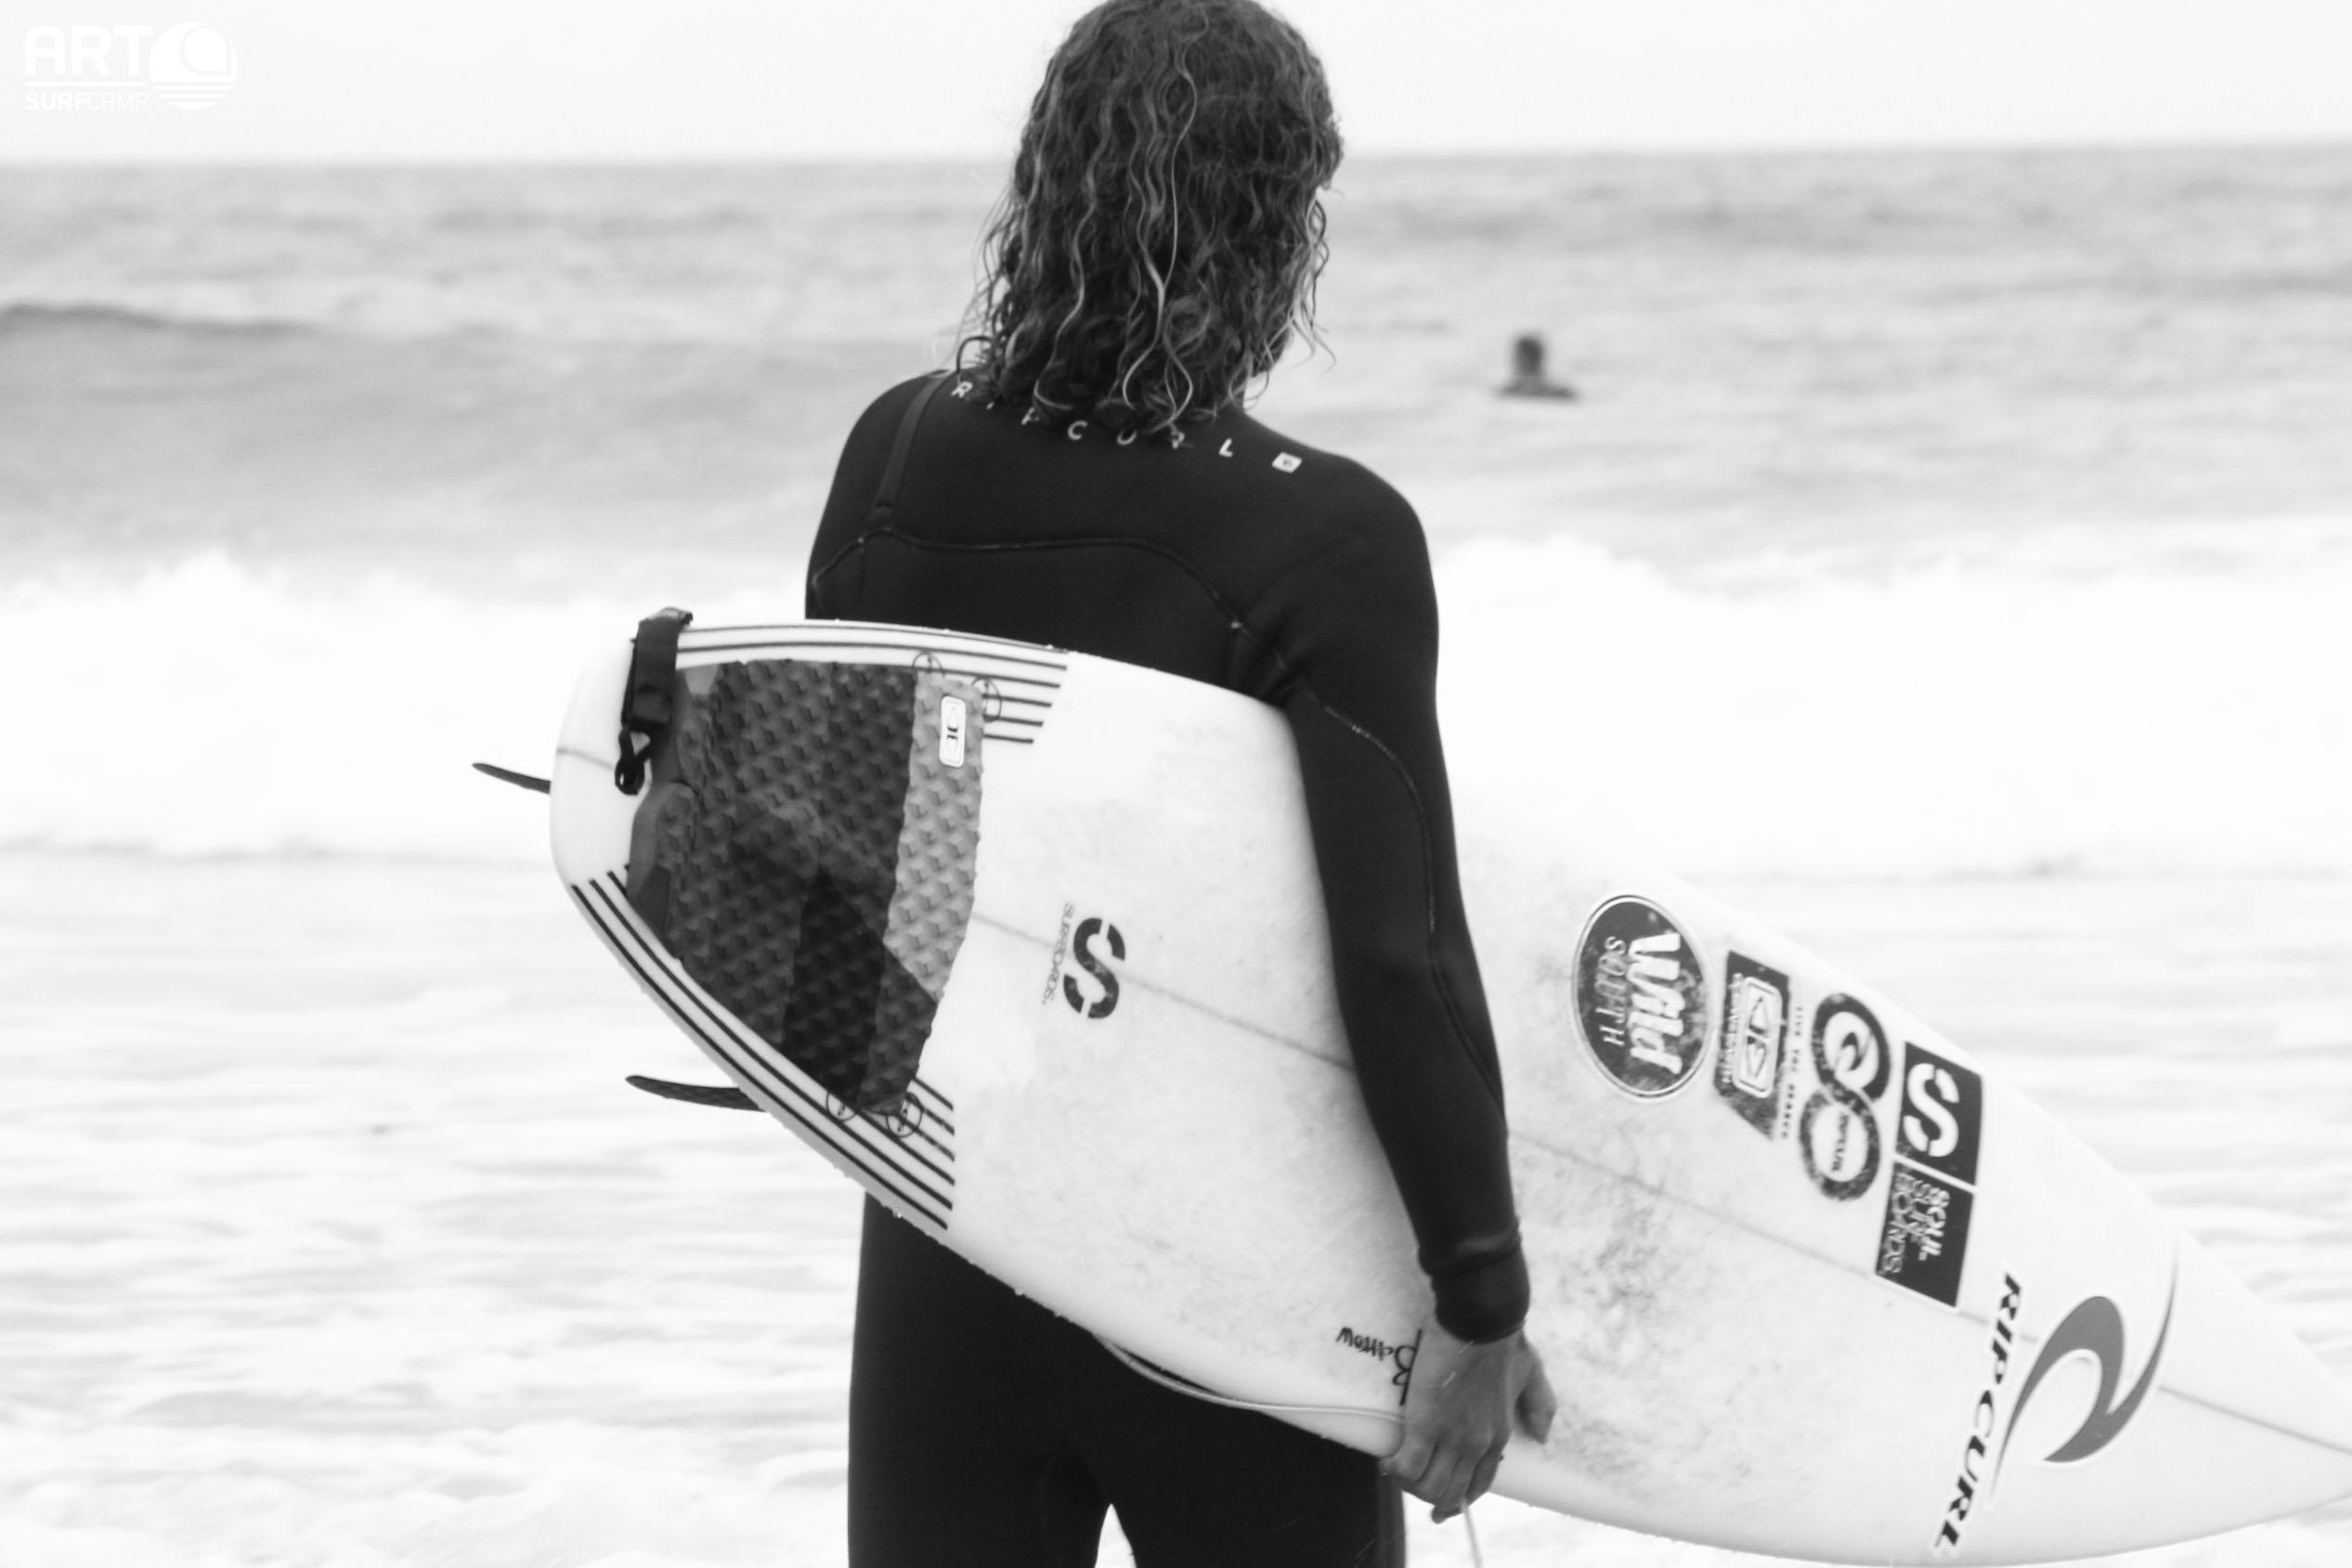 Cómo Saber Cuando Es El Mejor Momento Para Surfear